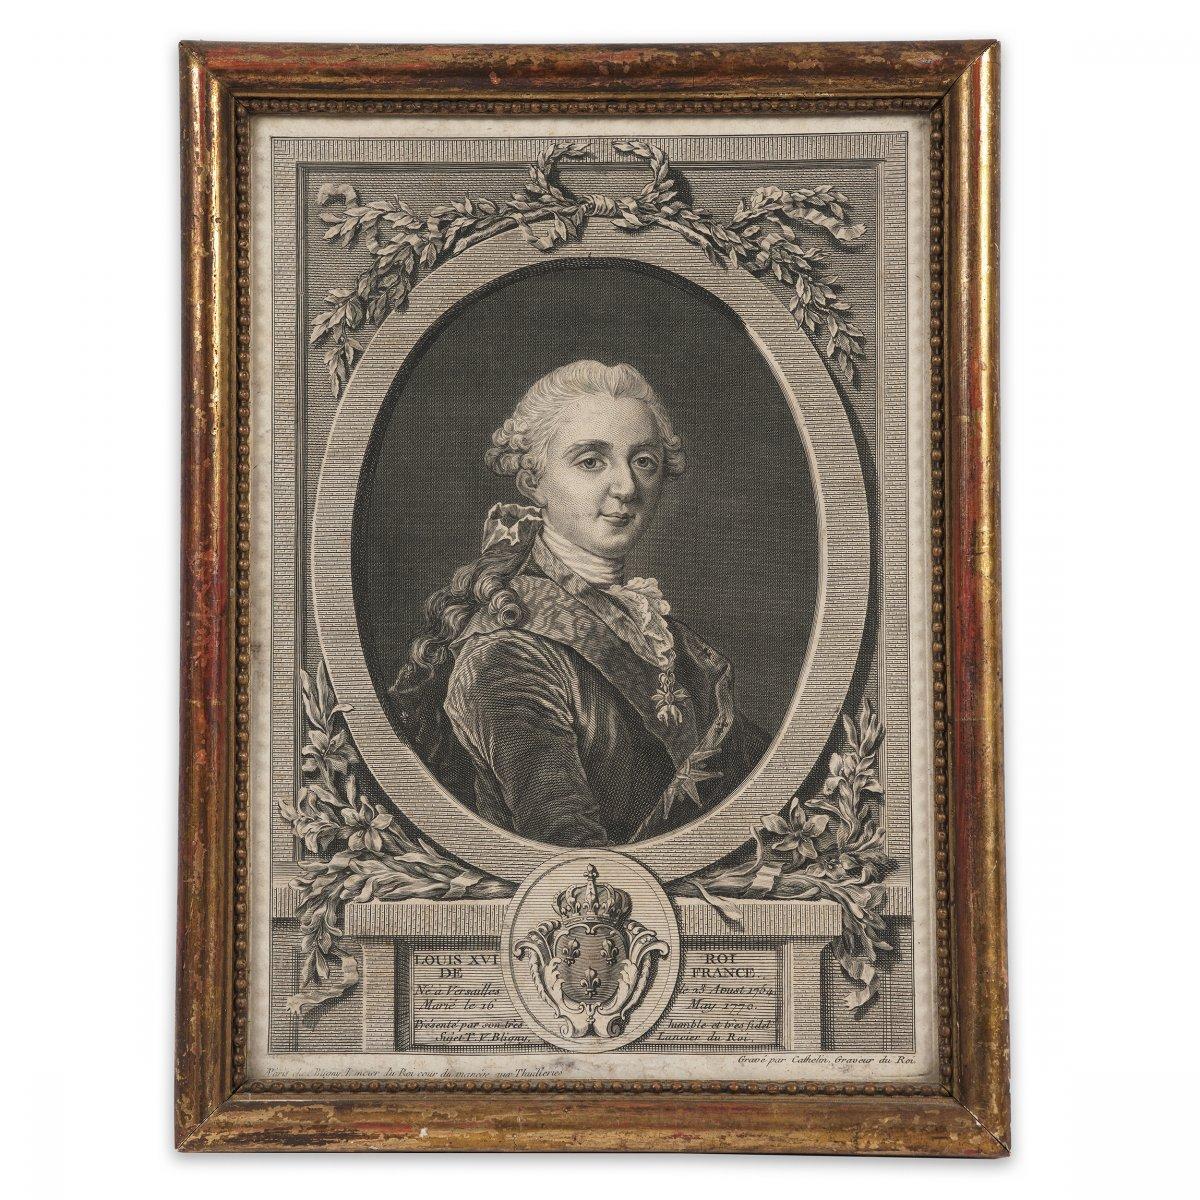 Gravure Figurant Le Roi Louis XVI De France, Estampe Par Cathelin Du XVIIIe Siècle VERSAILLES